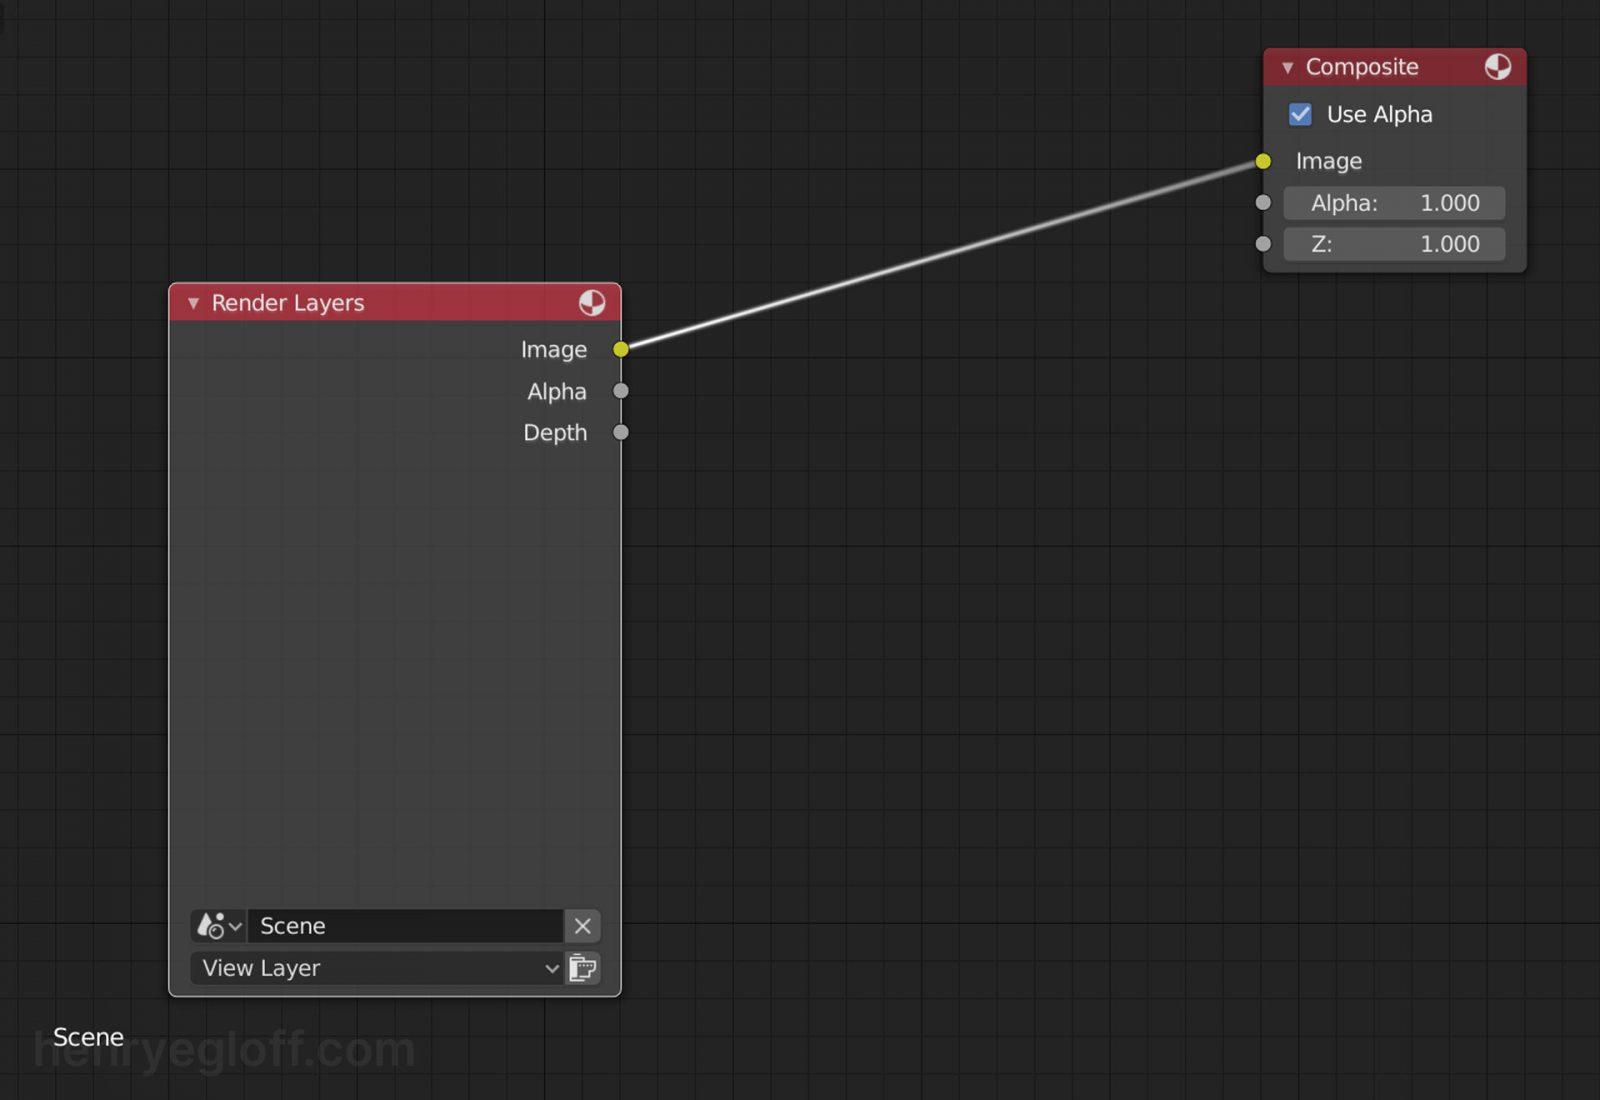 Render a Background Image Using Blender 2.8 - step 10 adjust position of nodes